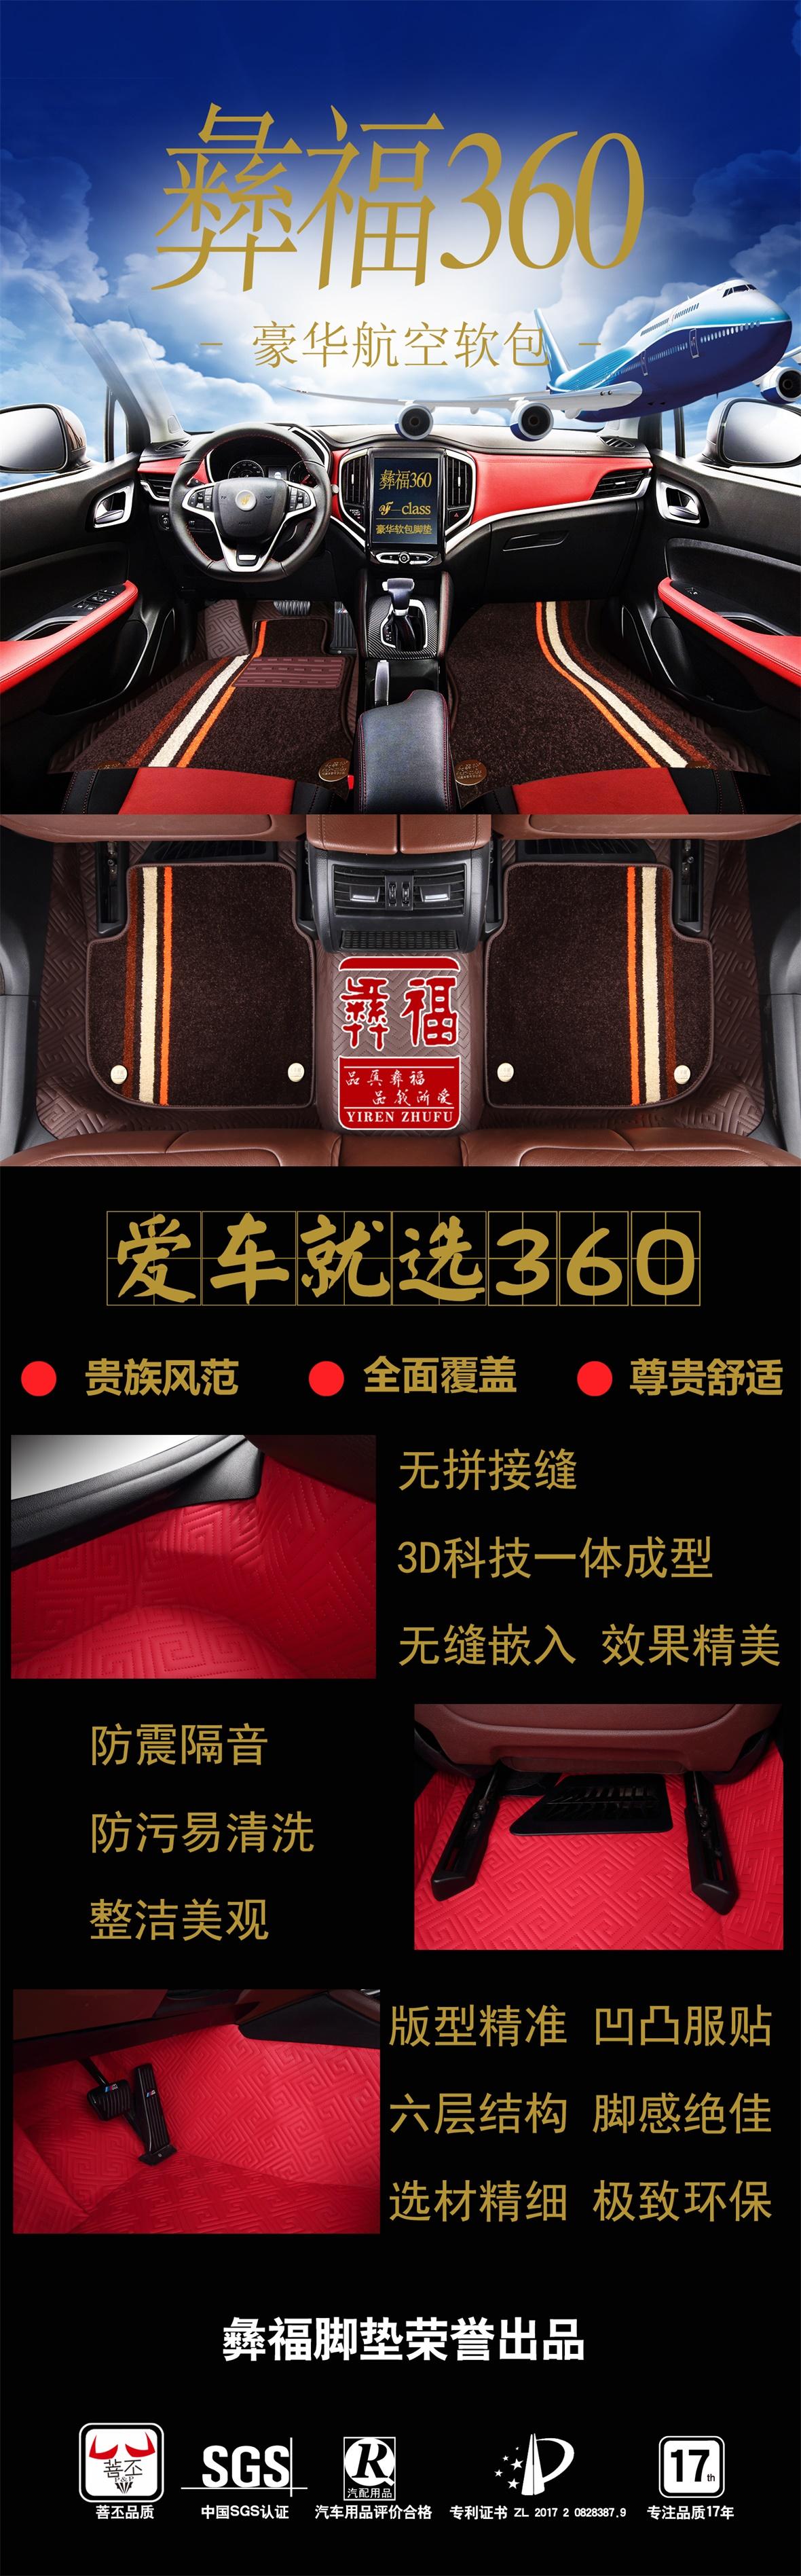 2-1-門型架56X180cm 彝福1180.jpg